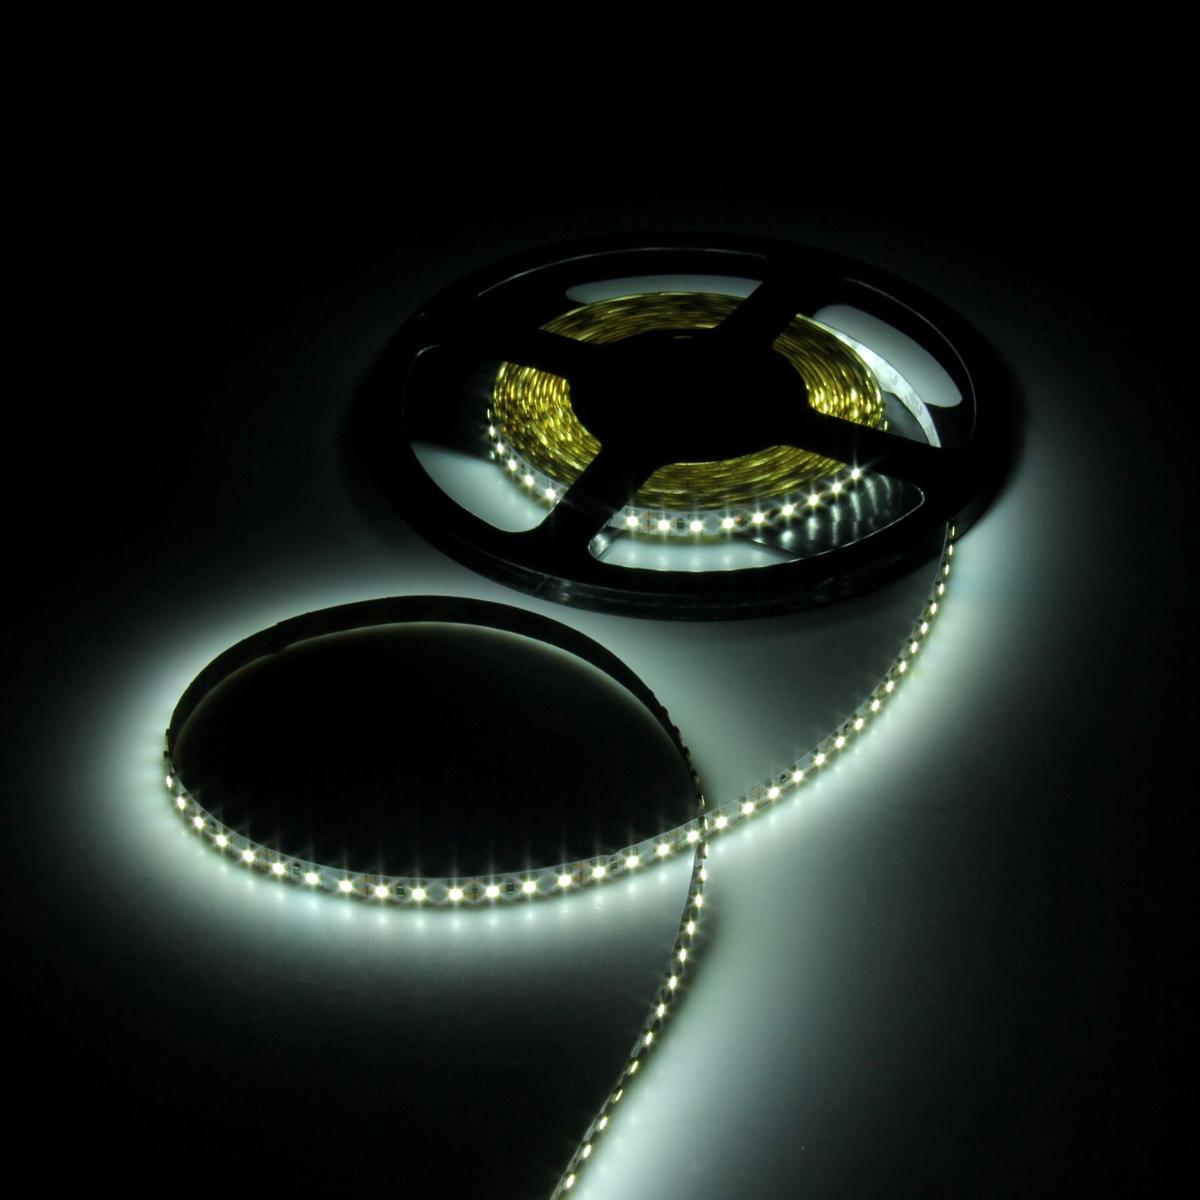 Светодиодная лента Luazon, 12В, SMD3528, длина 5 м, IP65, 120 LED ламп, 9.6 Вт/м, 6-7 Лм/1 LED, DC, цвет: белый883905Светодиодные гирлянды, ленты и т.д — это отличный вариант для новогоднего оформления интерьера или фасада. С их помощью помещение любого размера можно превратить в праздничный зал, а внешние элементы зданий, украшенные ими, мгновенно станут напоминать очертания сказочного дворца. Такие украшения создают ауру предвкушения чуда. Деревья, фасады, витрины, окна и арки будто специально созданы, чтобы вы украсили их светящимися нитями.